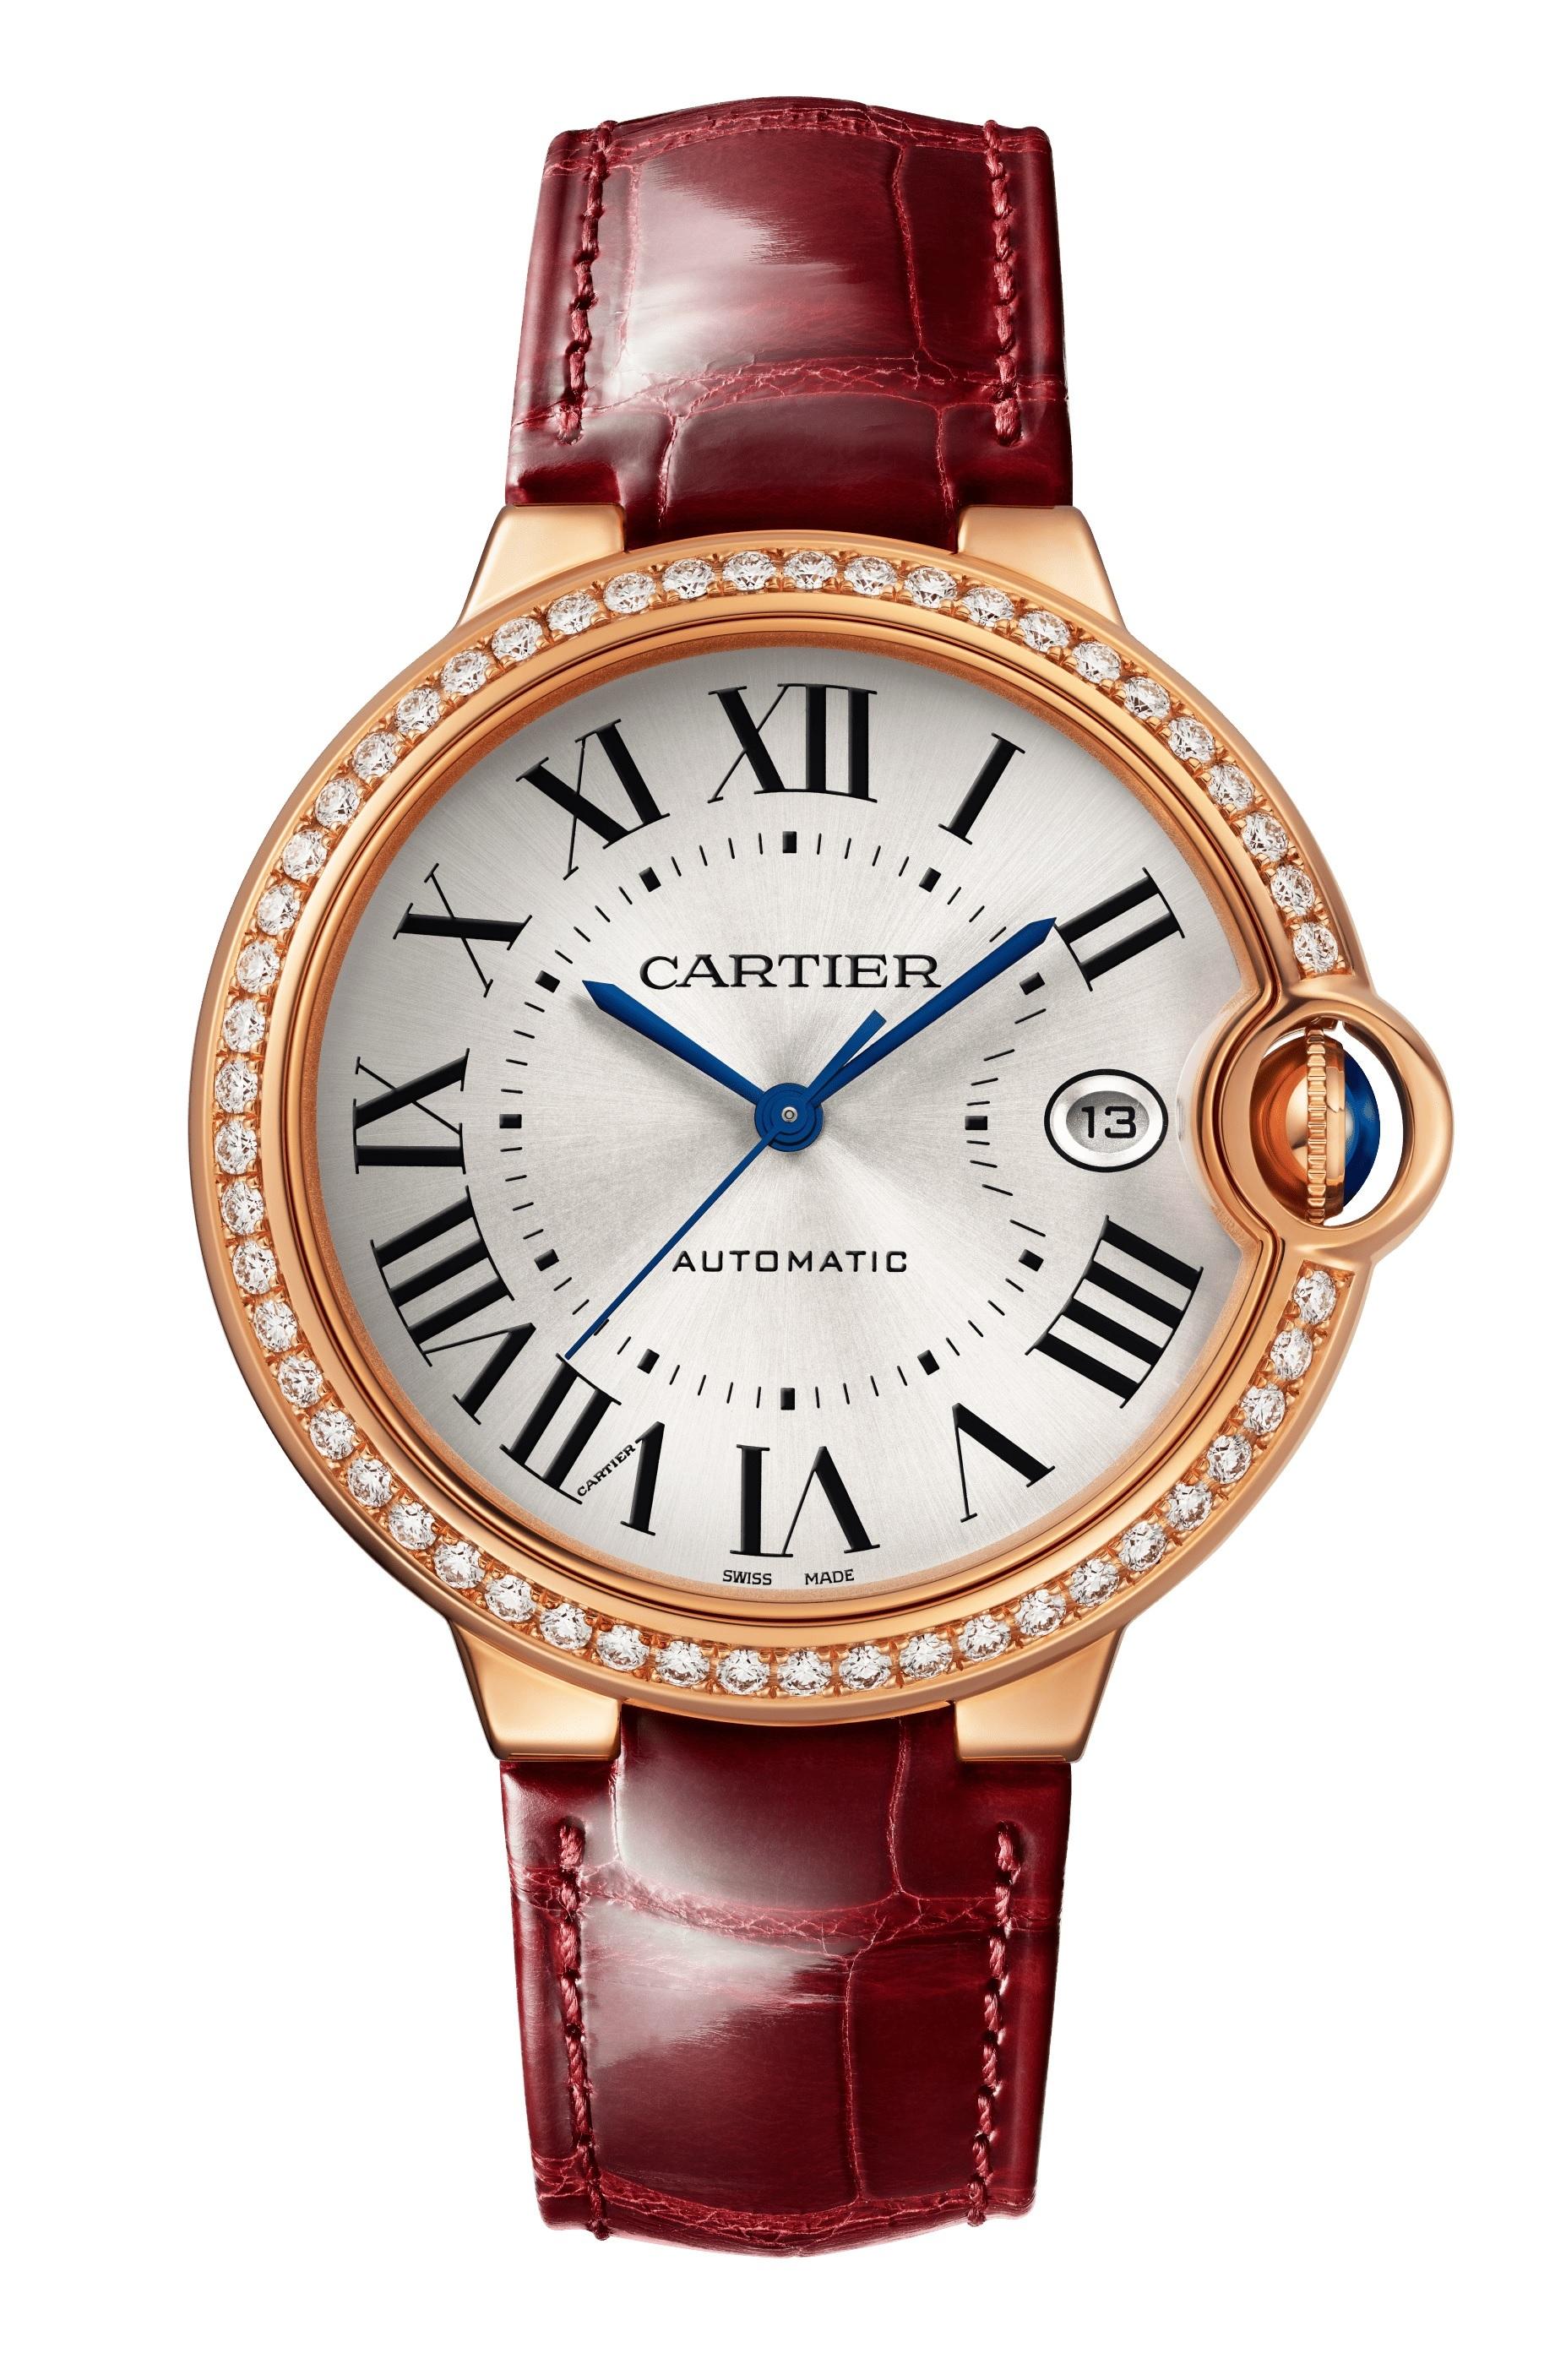 Reloj Ballon Bleu de Cartier, disponible en su tienda en la Avenida Ashford en Condado.